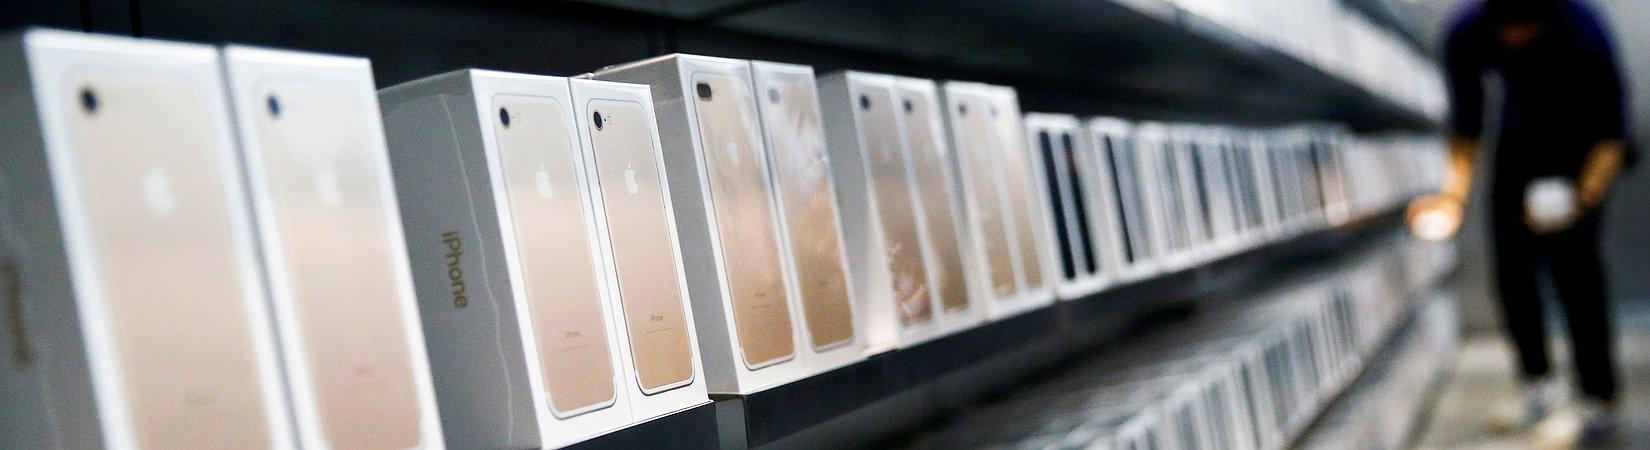 Apple presenta unos resultados récord